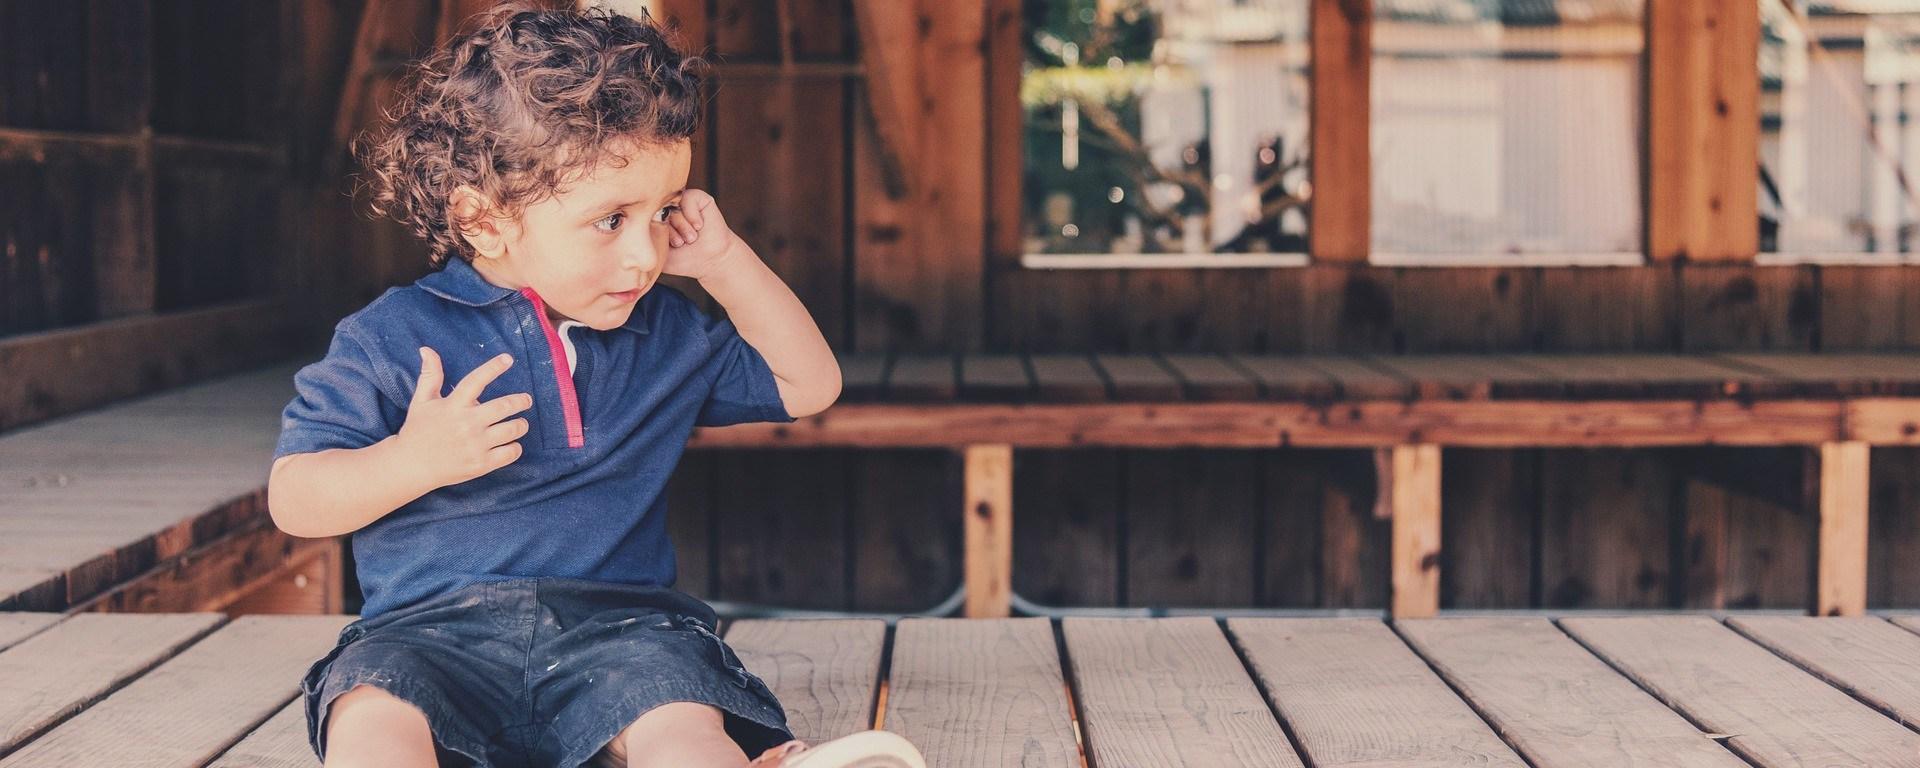 Photo of Síndrome de Asperger: síntomas, causas y tratamiento